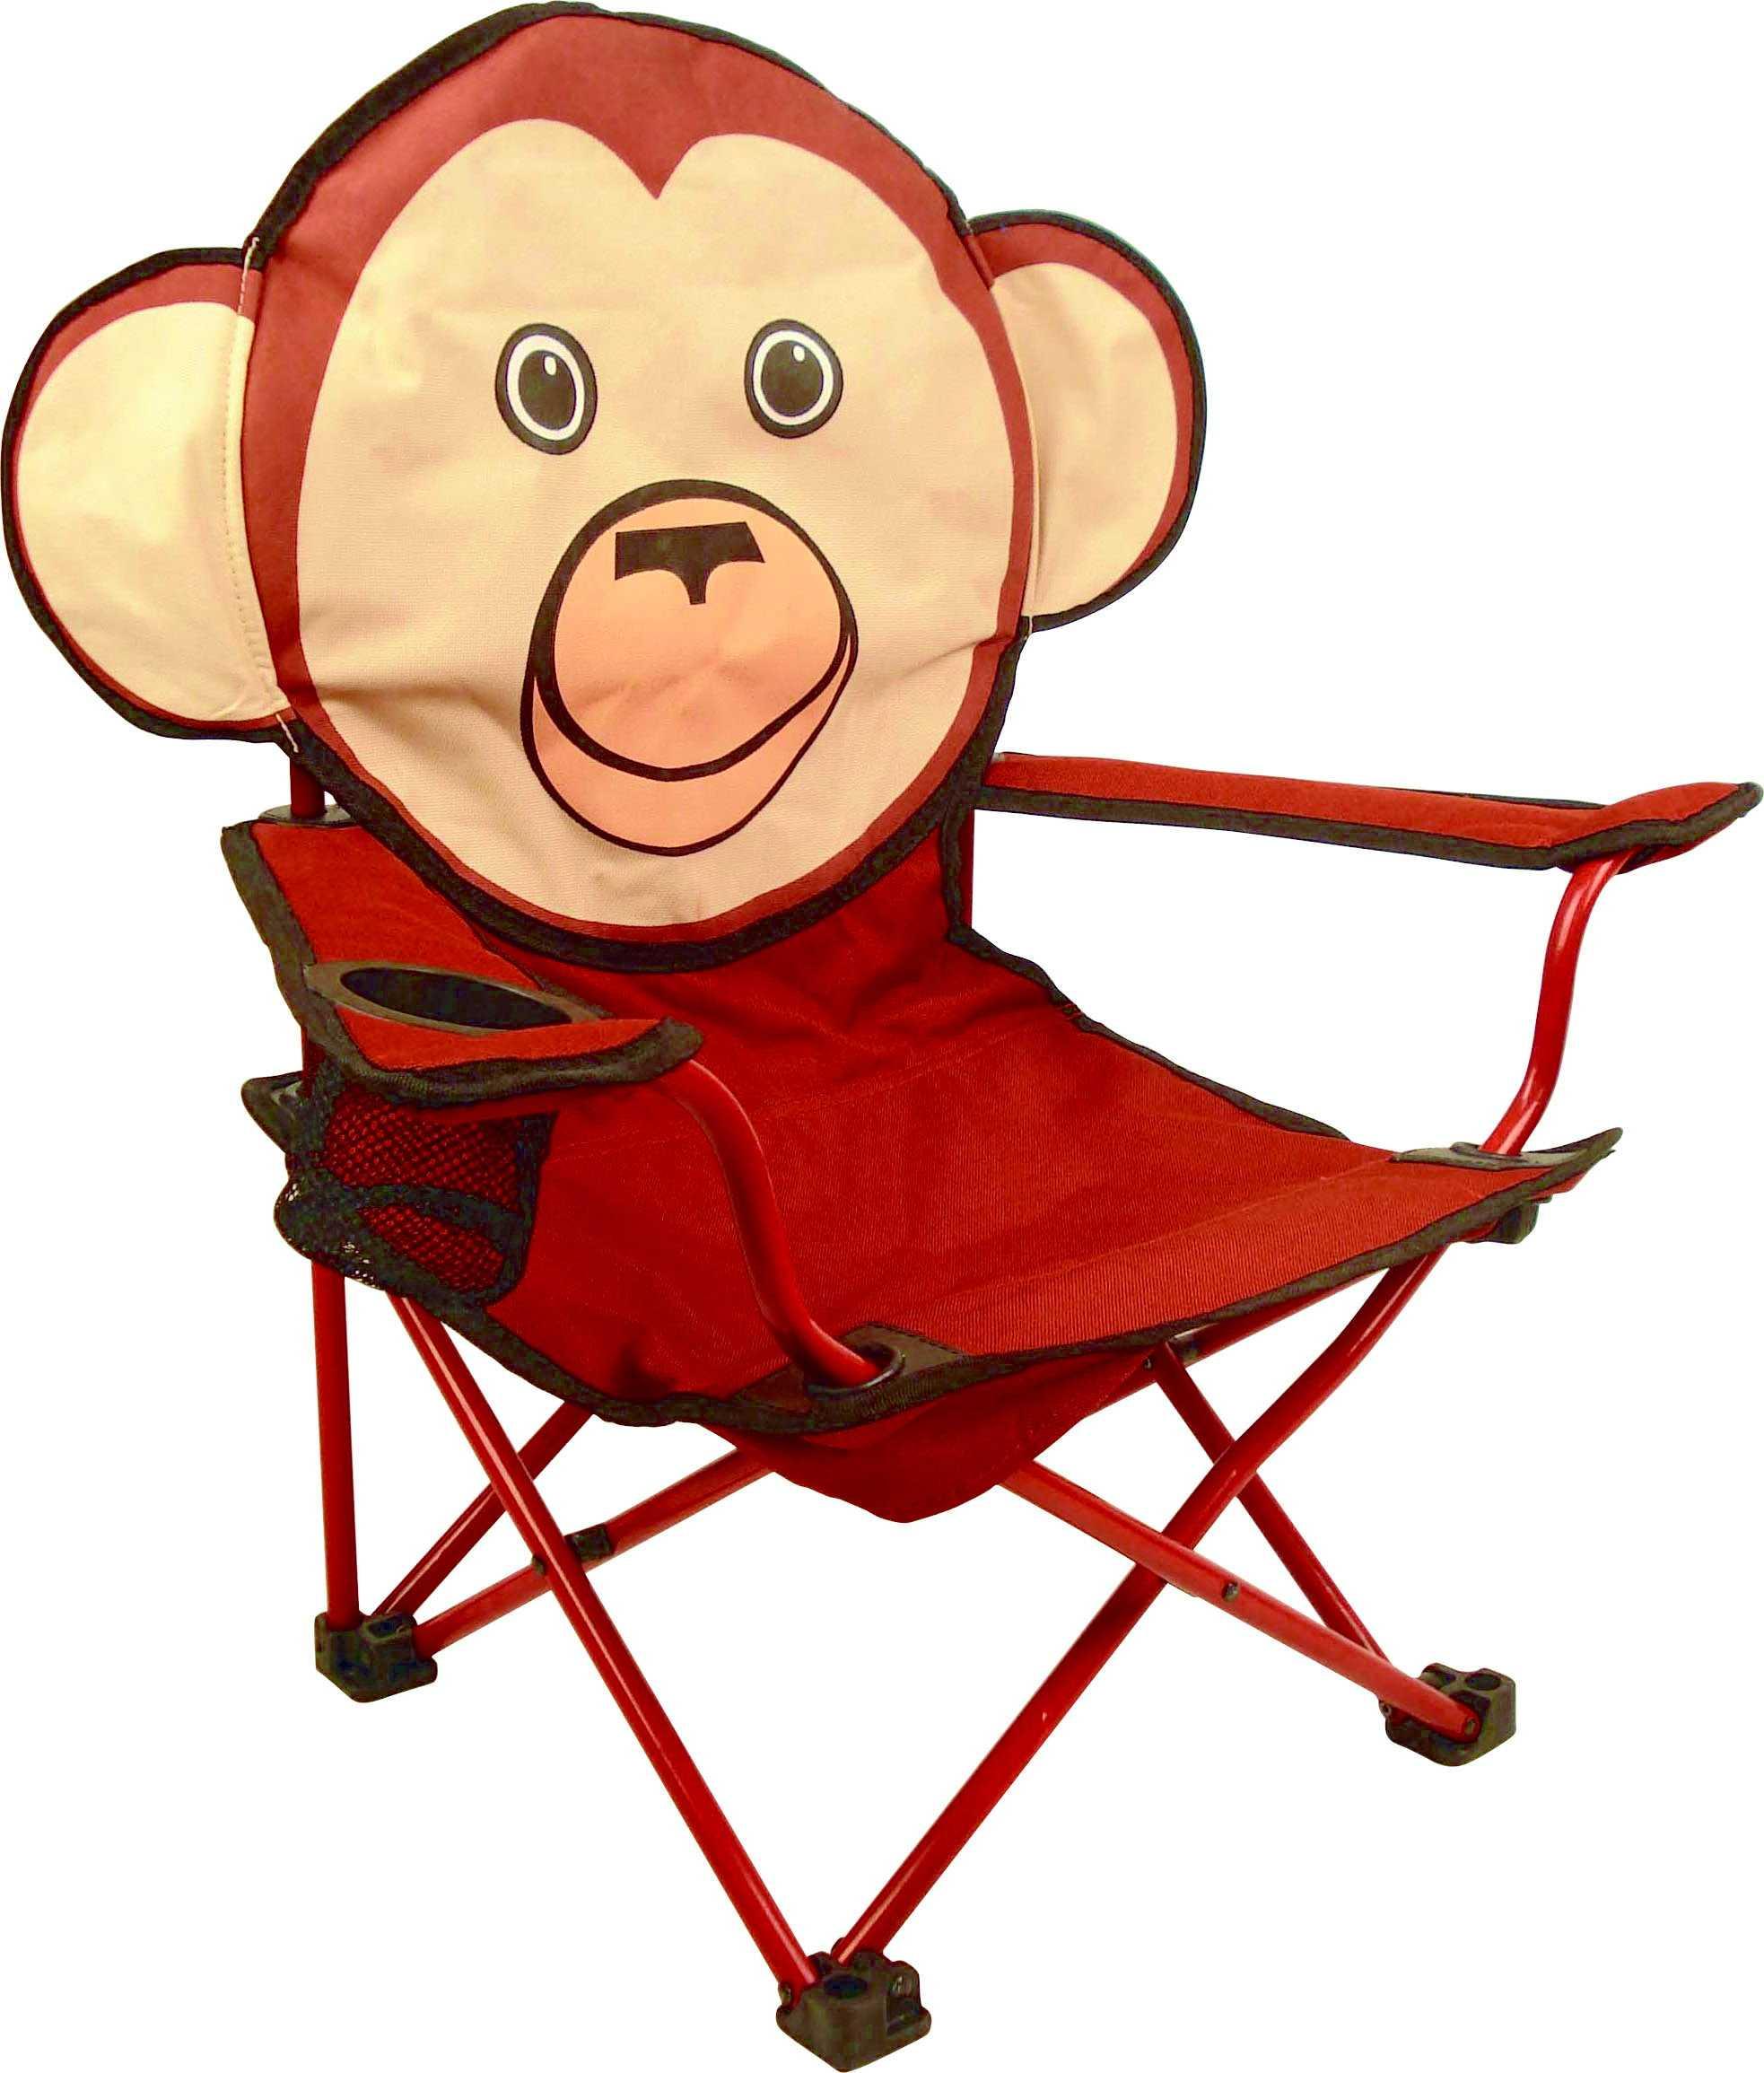 kinder faltstuhl affe camping outdoor zubeh r. Black Bedroom Furniture Sets. Home Design Ideas